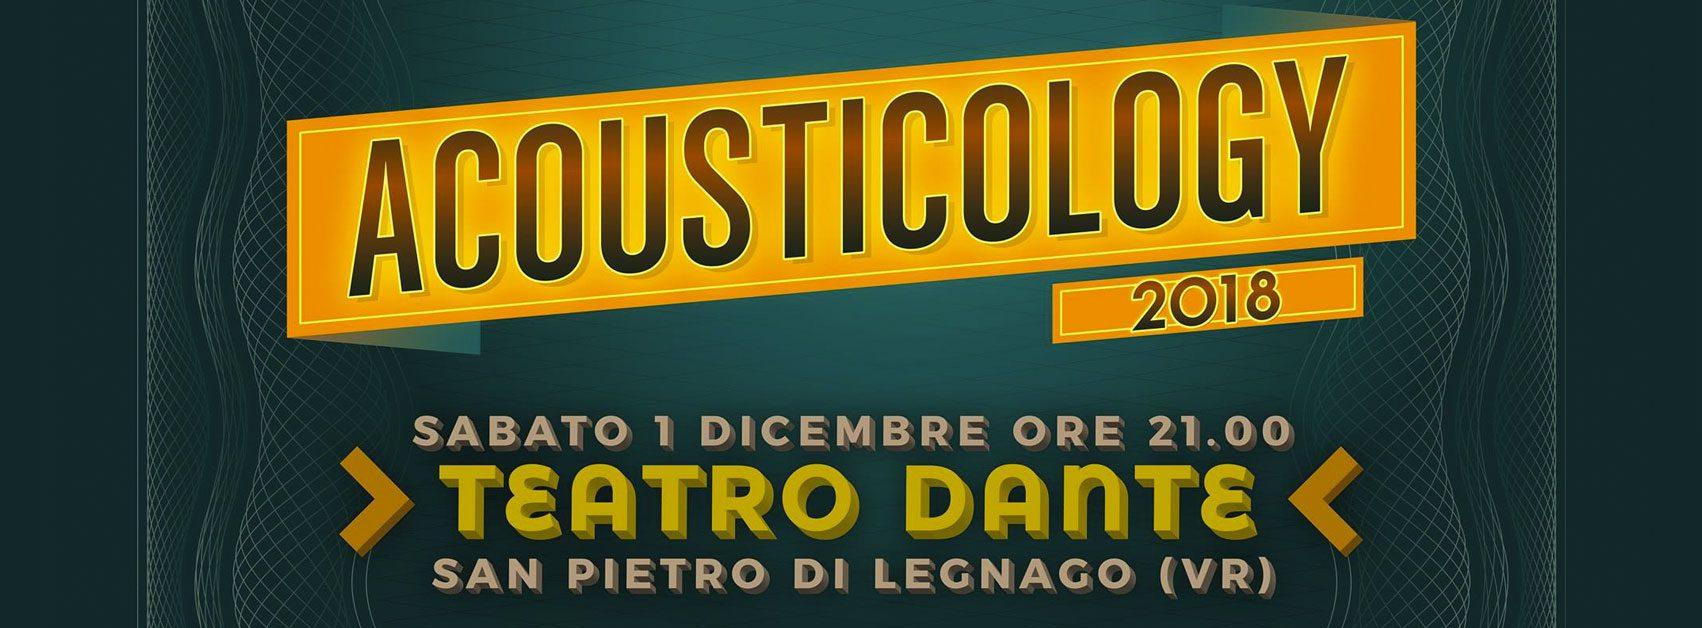 San Pietro Di Legnago Verona acousticology, 01 dicembre -teatro dante di san pietro di